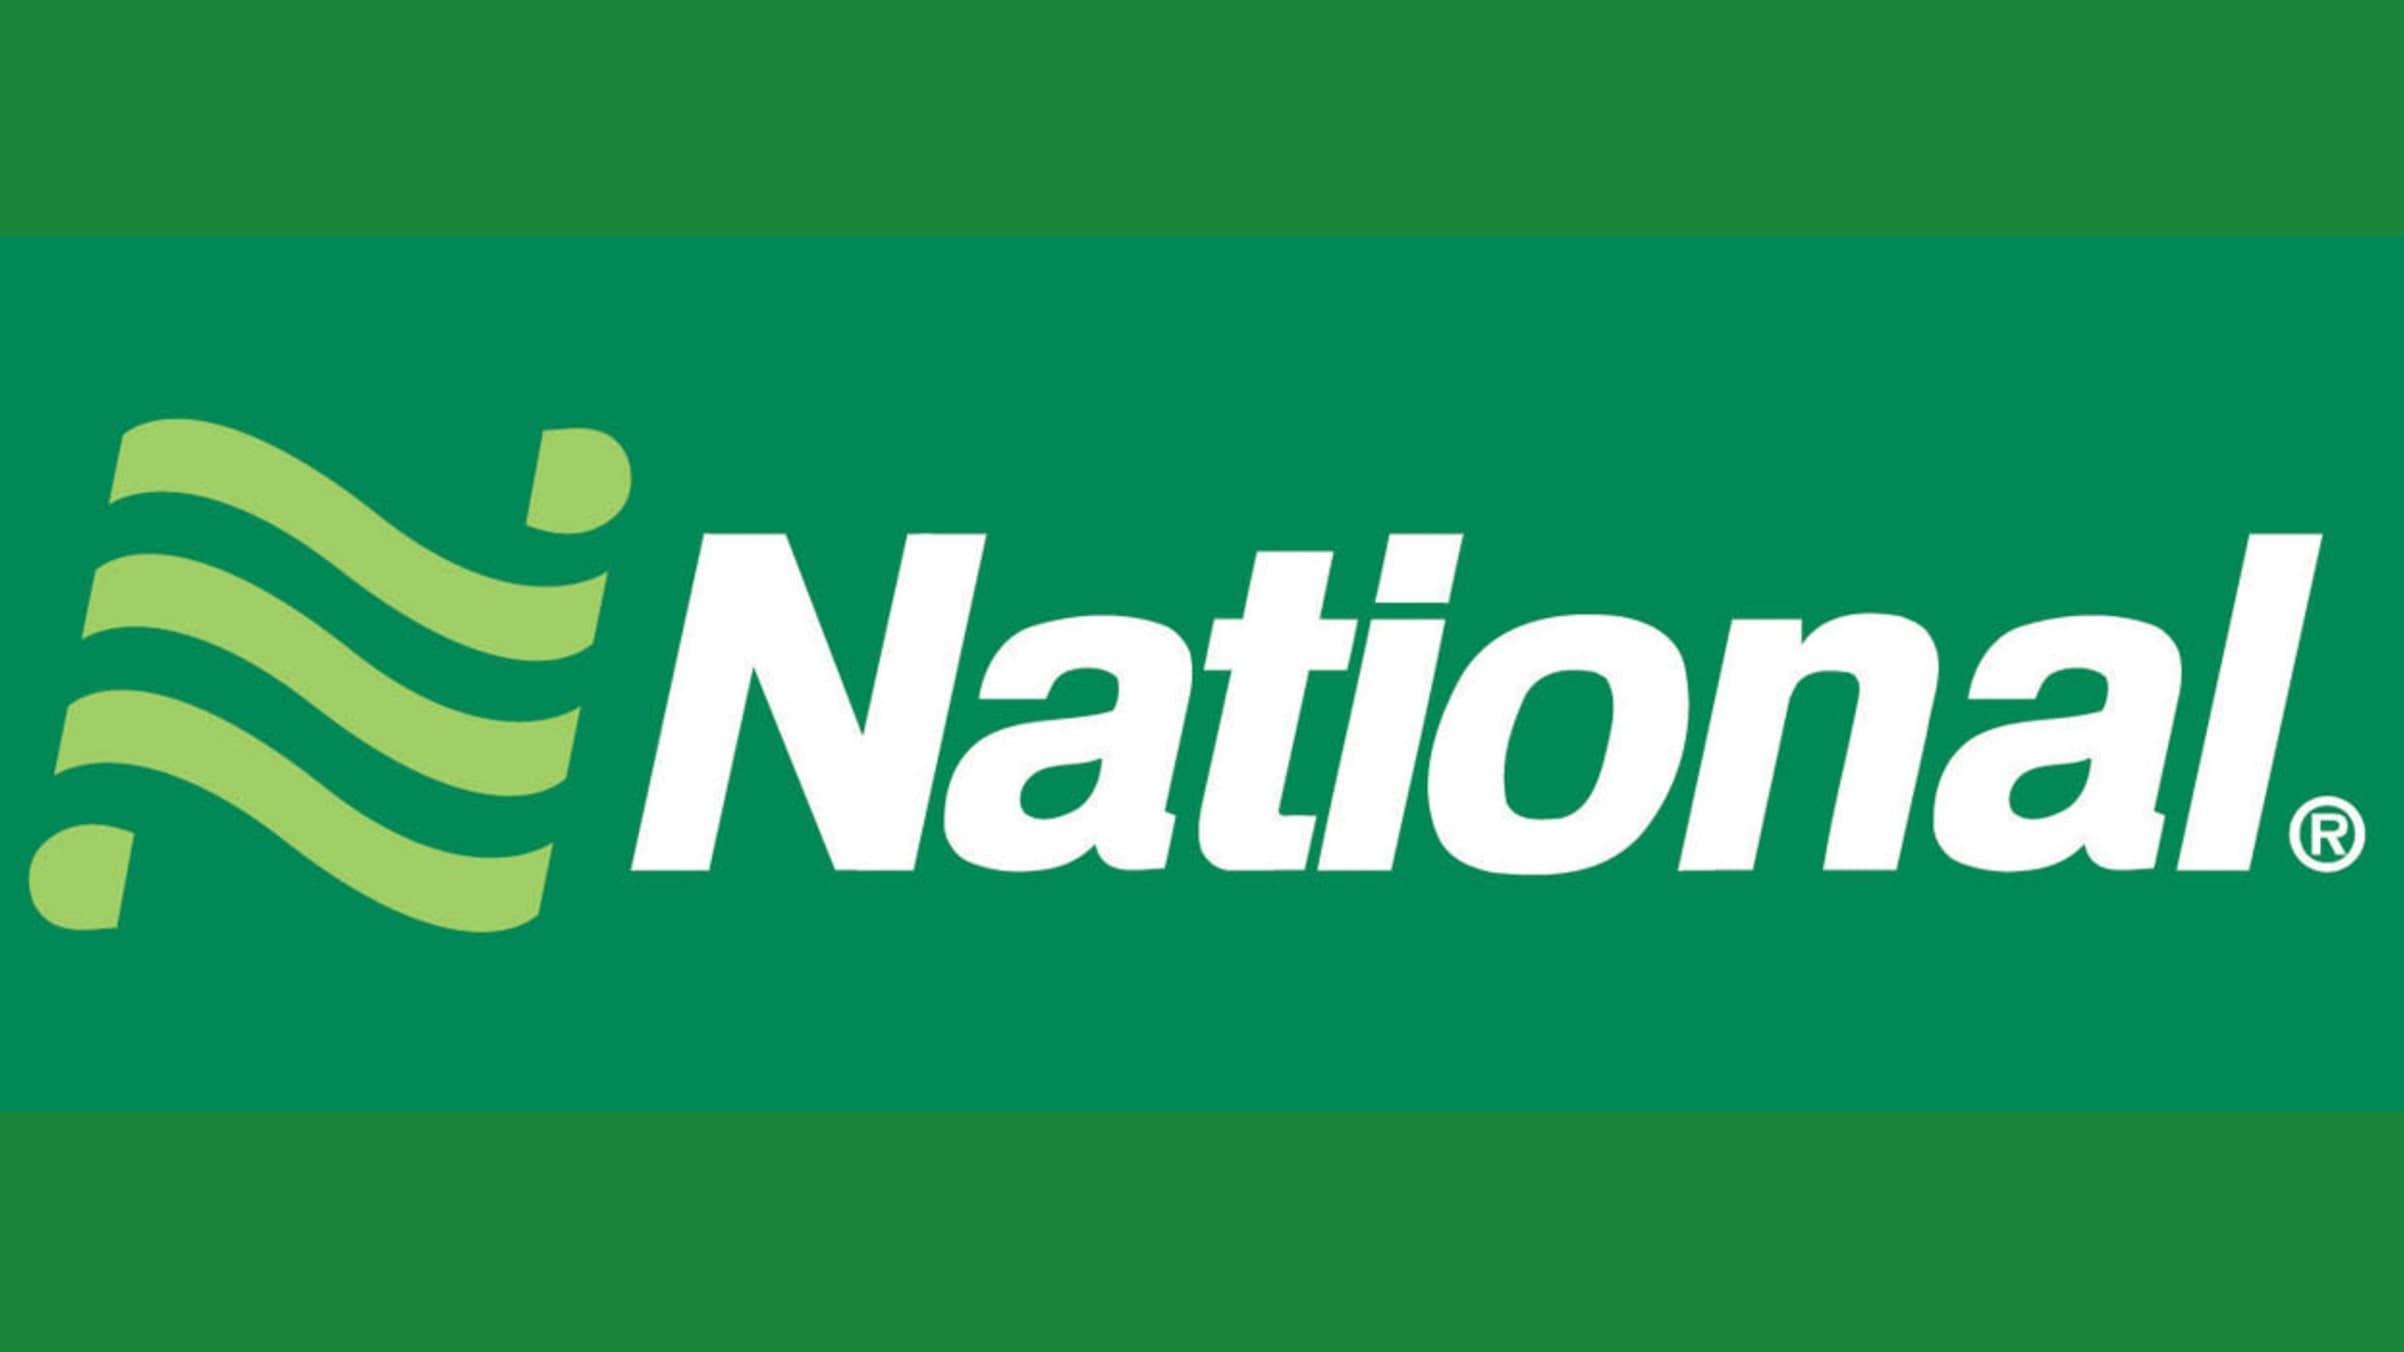 trung tâm bảo hành máy lạnh national tại tphcm